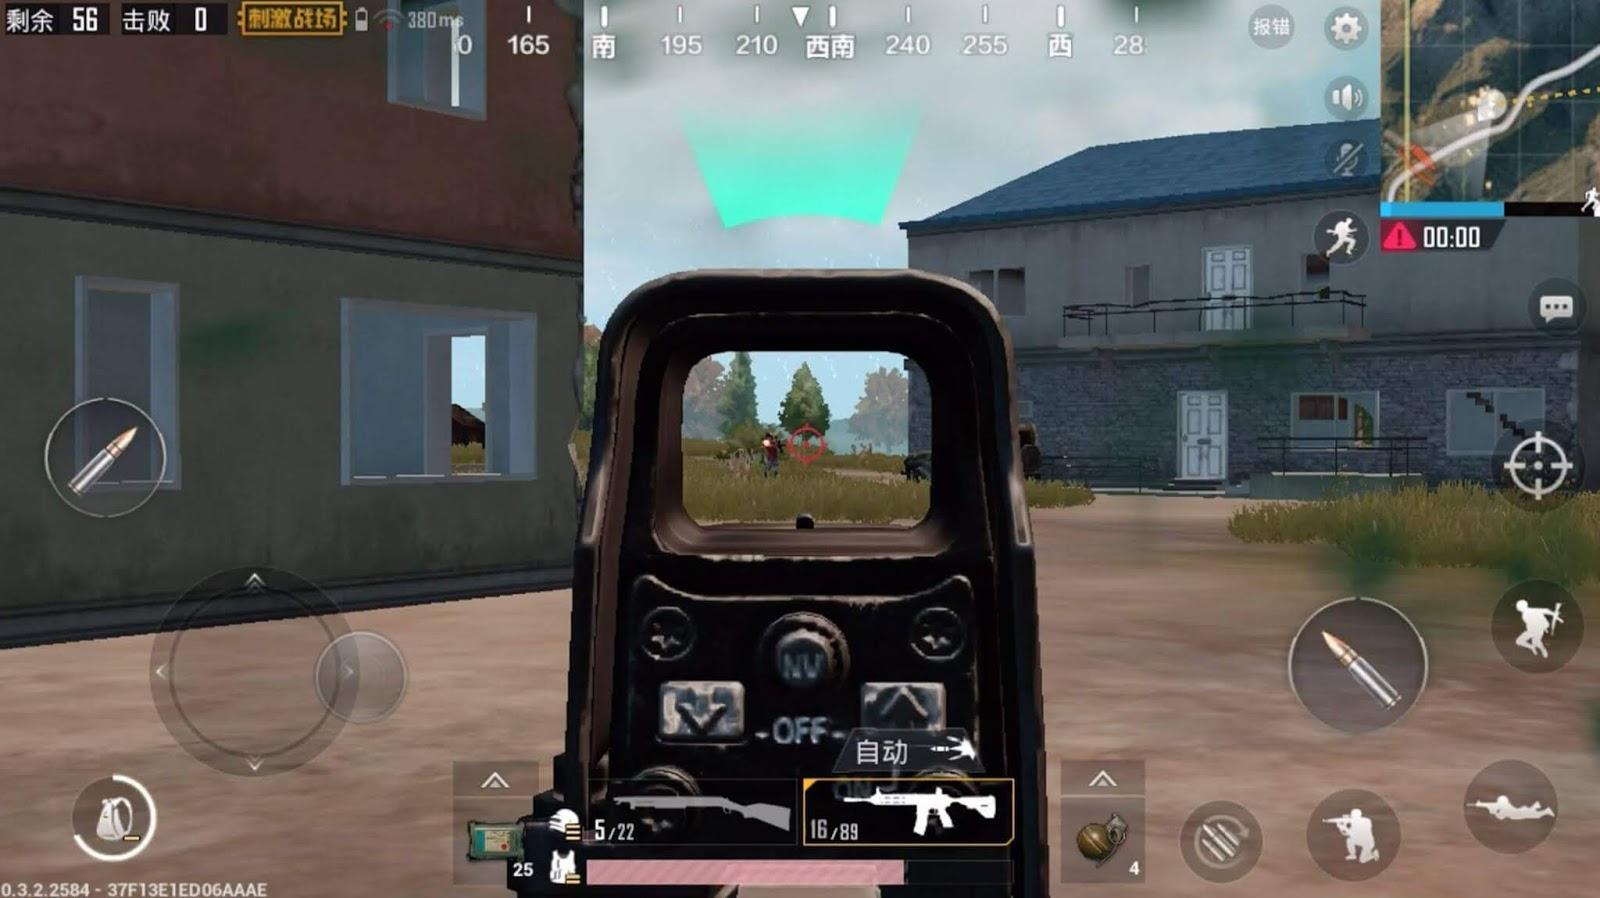 تحميل لعبة pubg mobile للاندرويد برابط سريع ومباشر